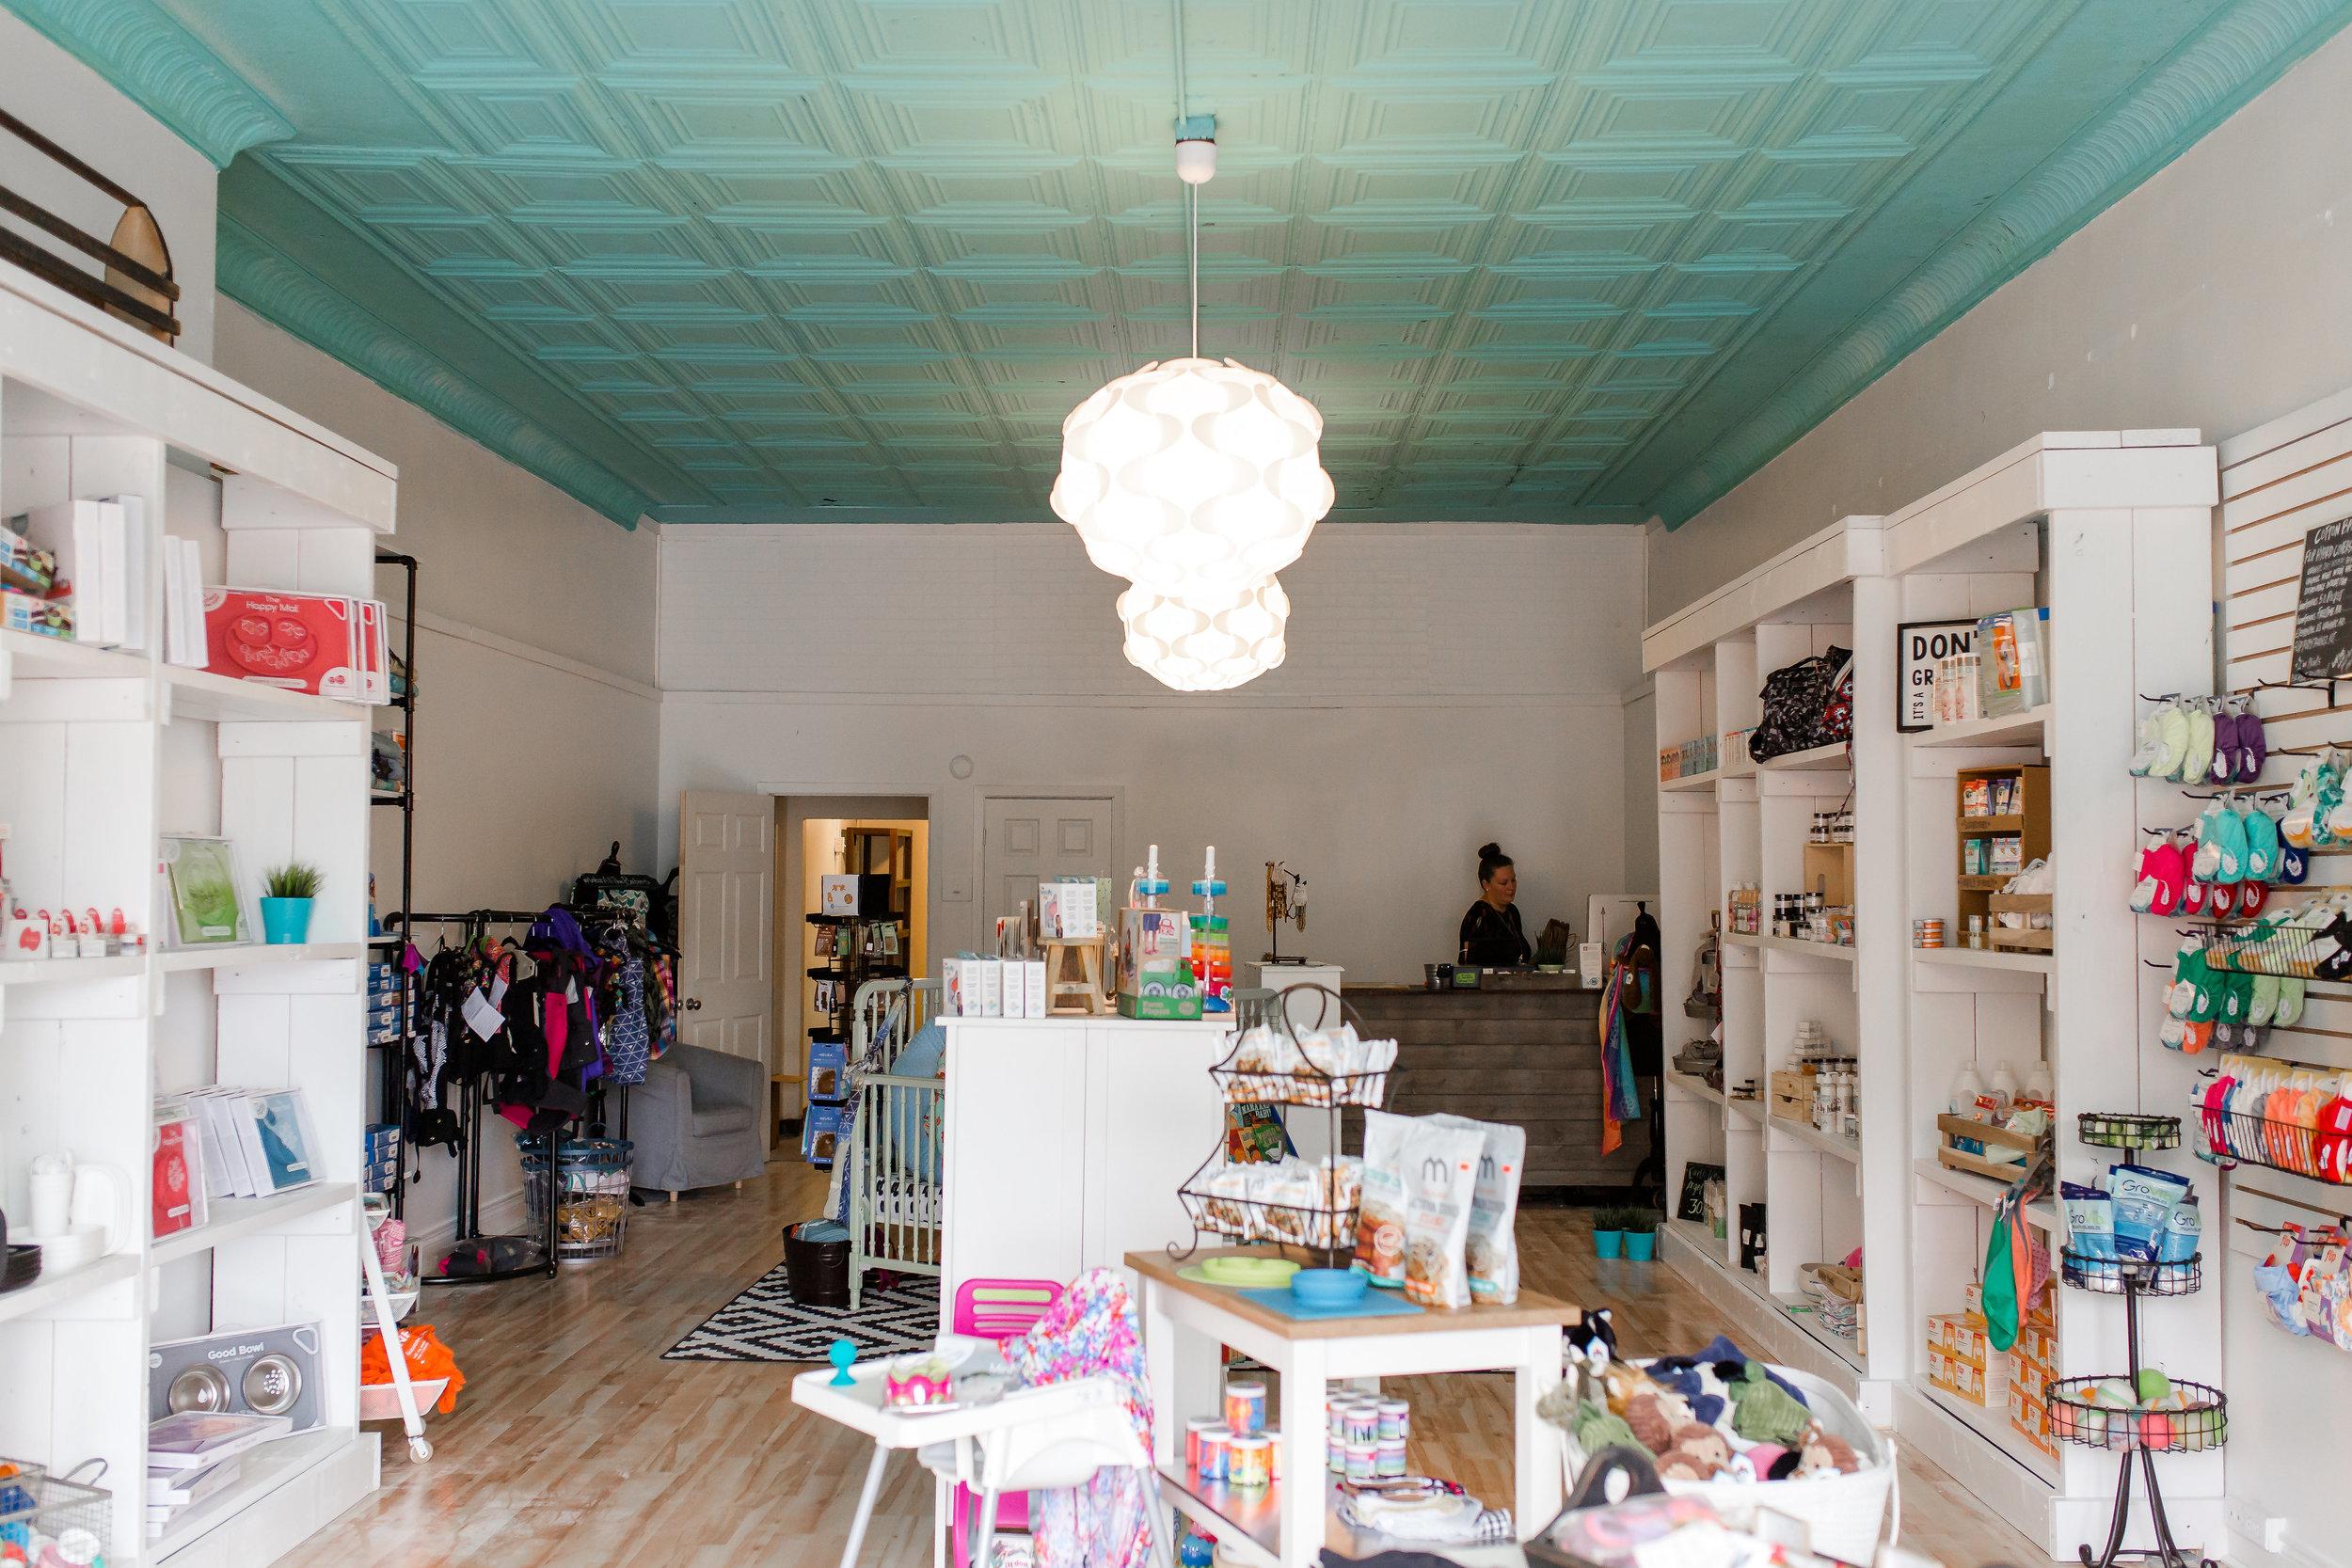 Never-Grow-Up-Boutique-Grove City-Ohio-Shop-Small